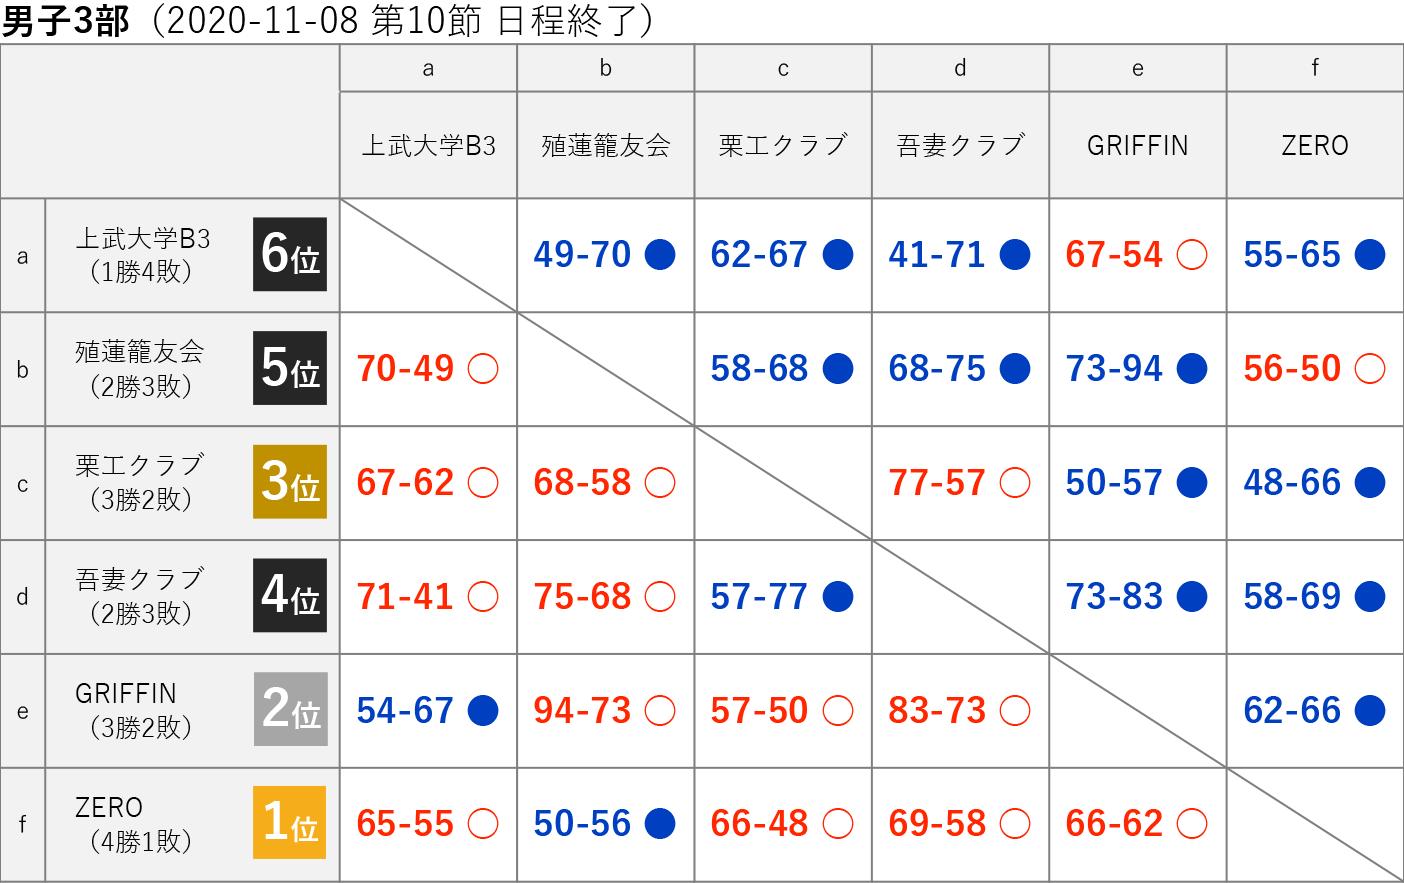 2020社会人リーグ 男子3部 星取り表 2020-11-08(第10節日程終了)